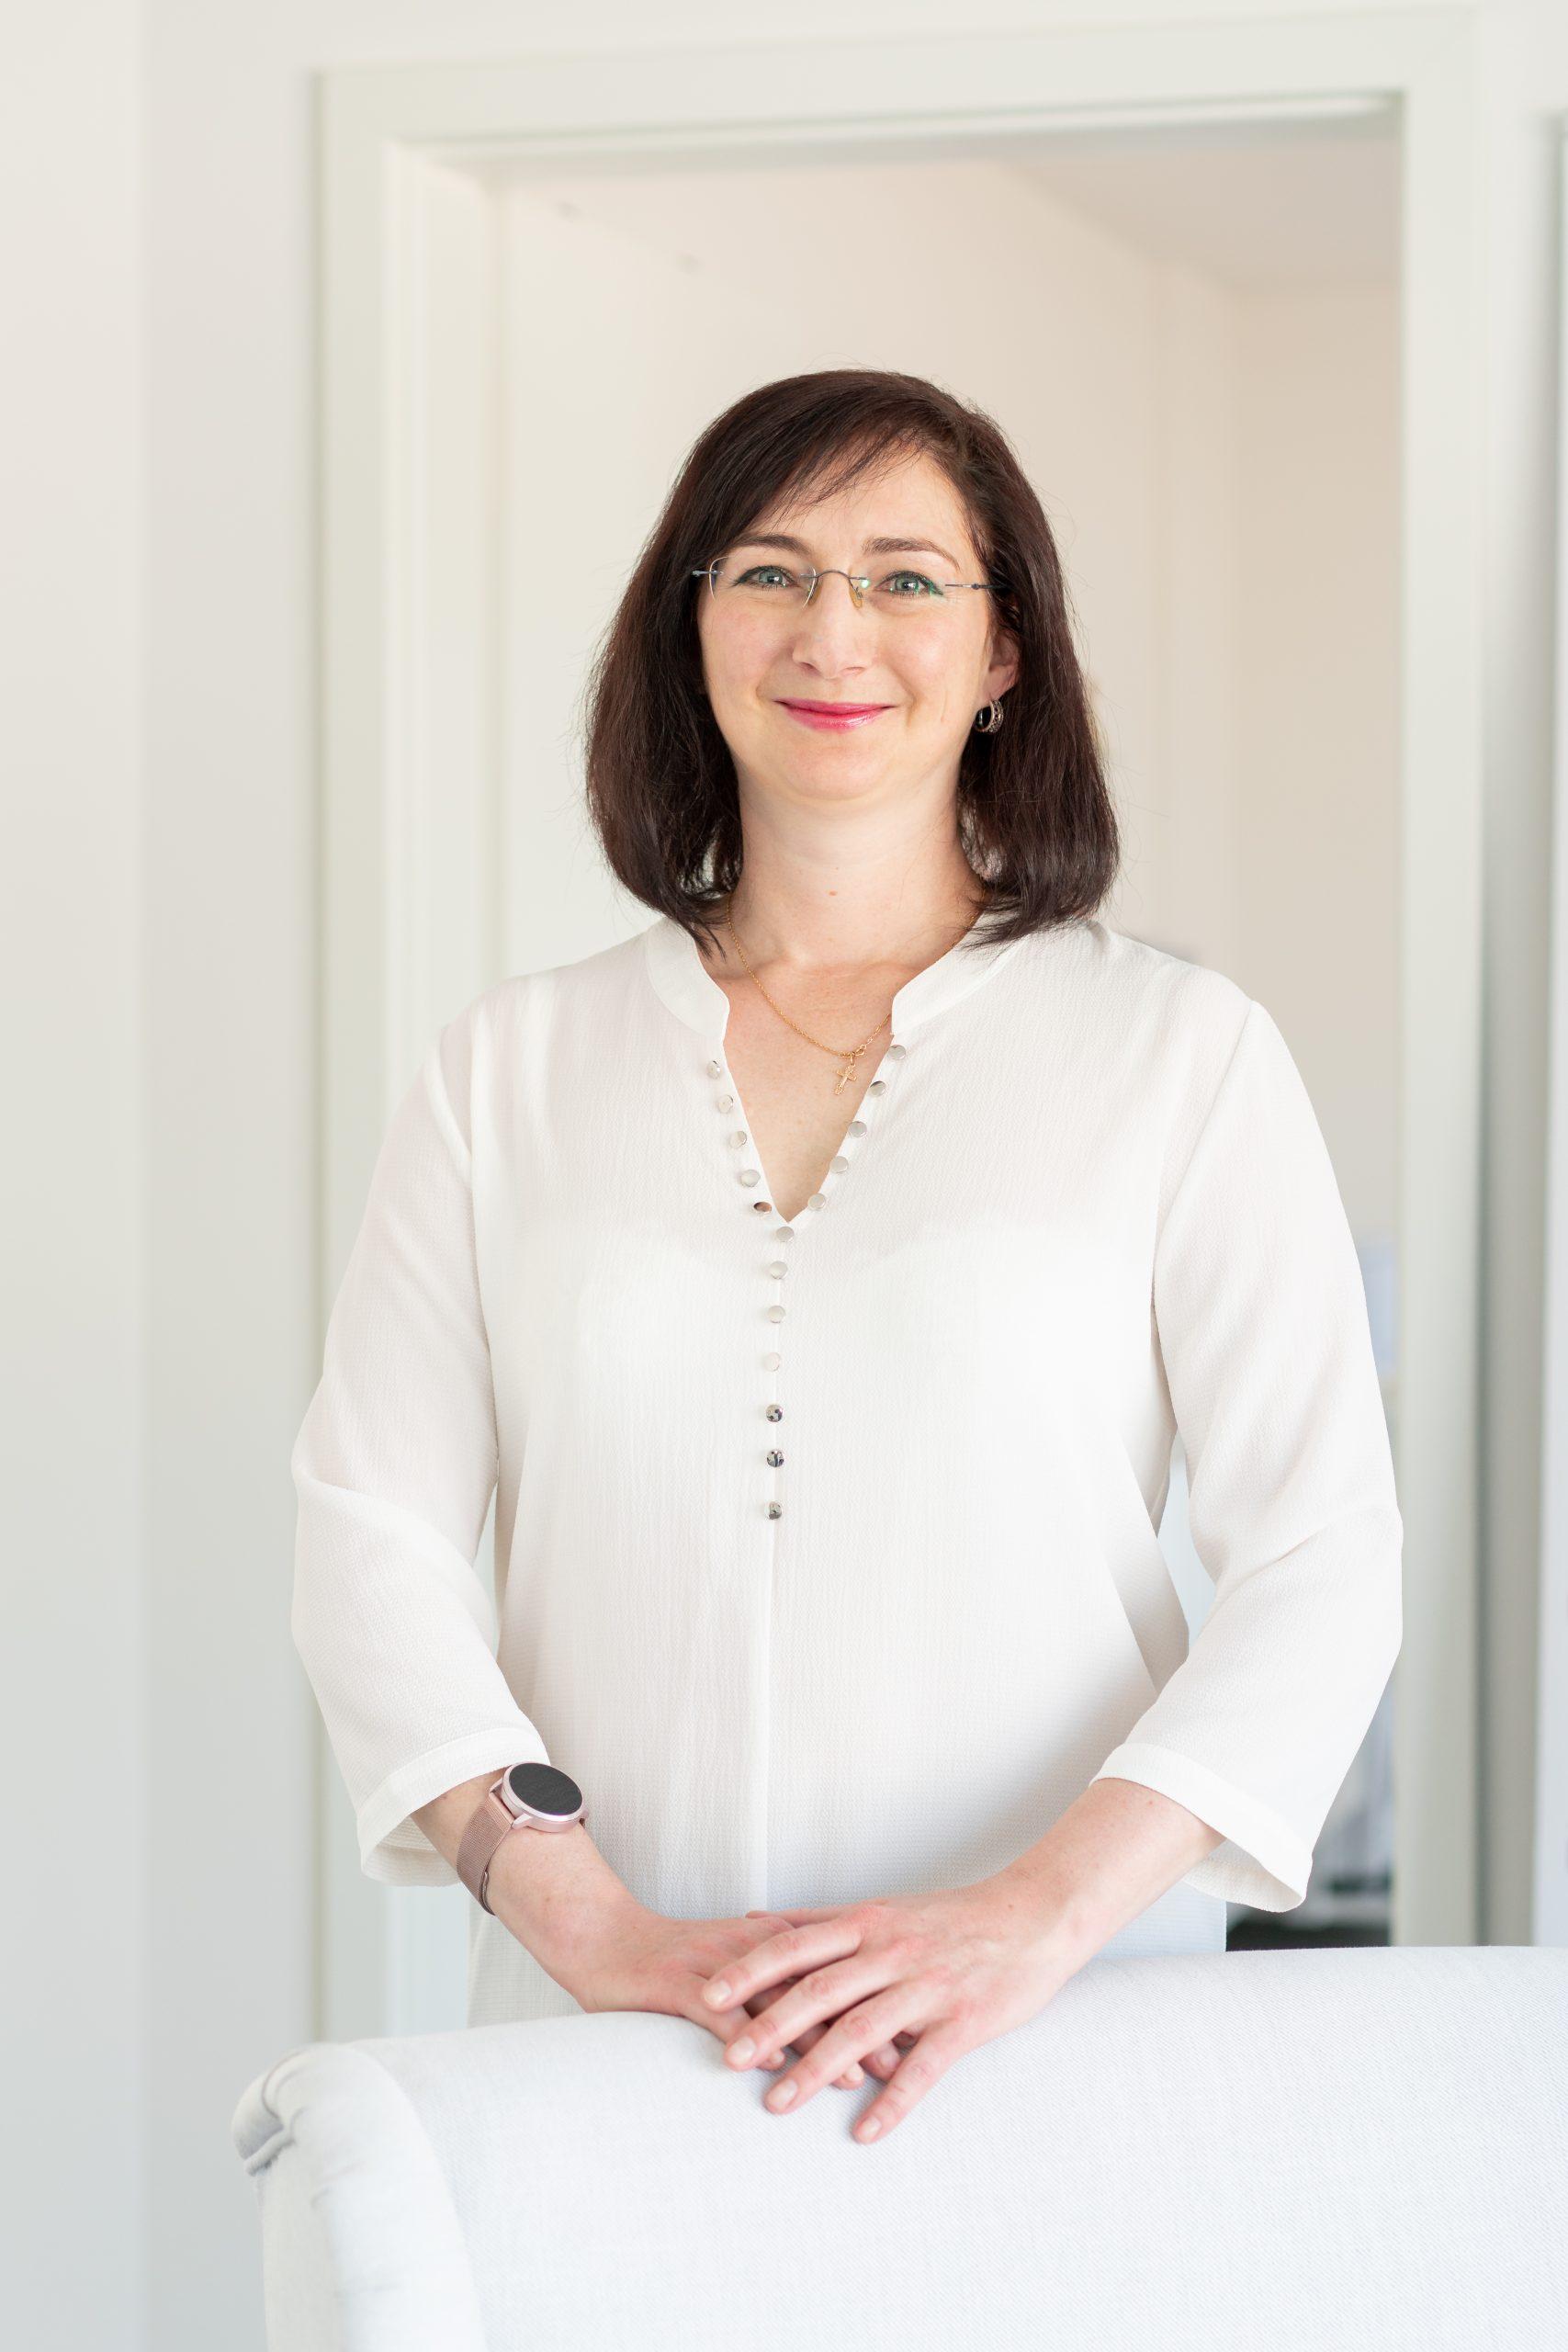 Olga Feist